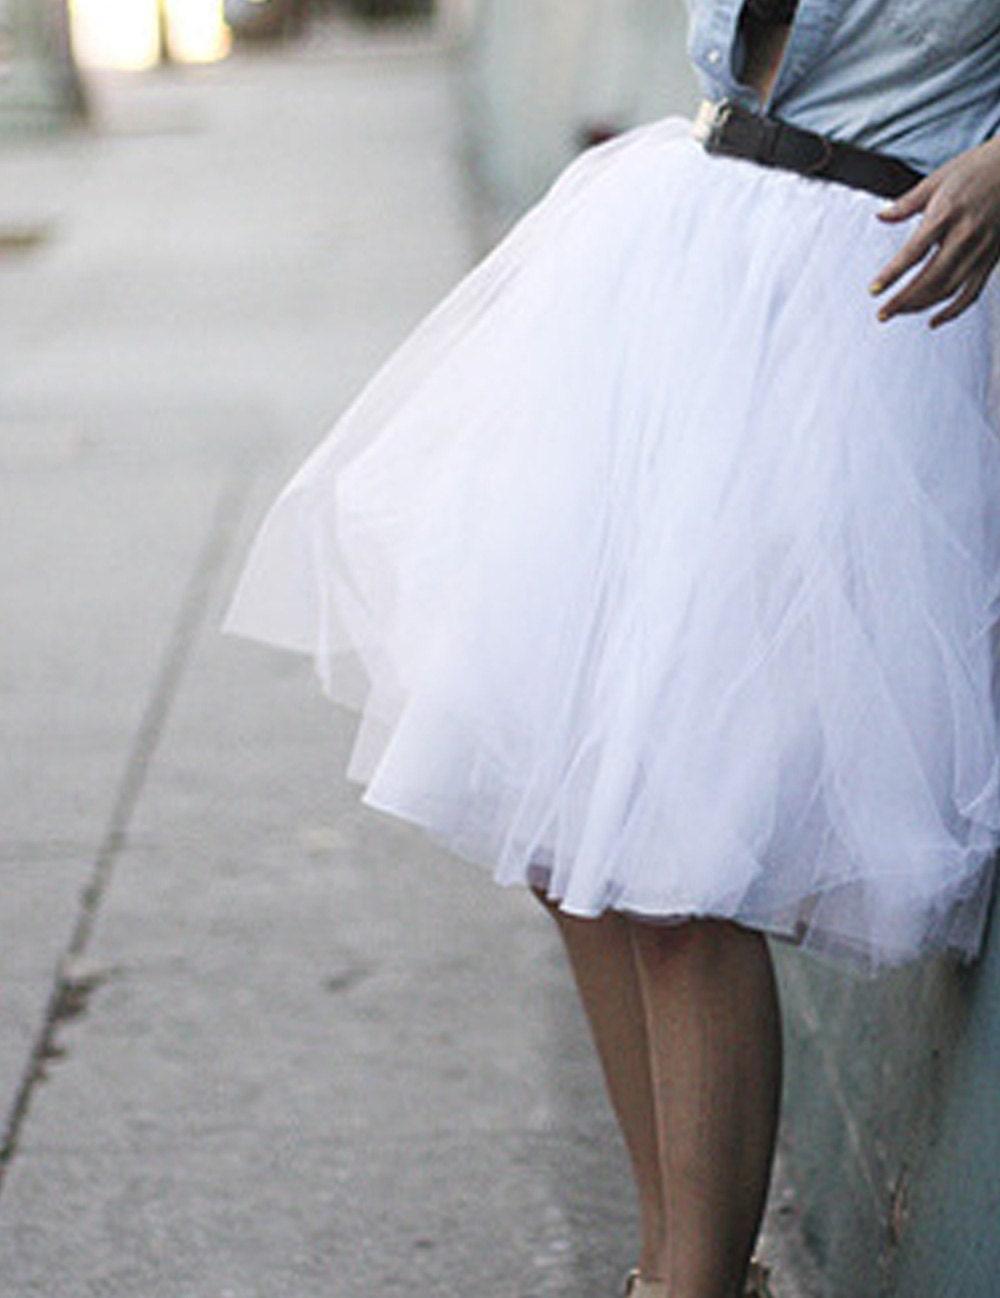 White skirt wedding tu tu ballerina skirt - CGHeaven